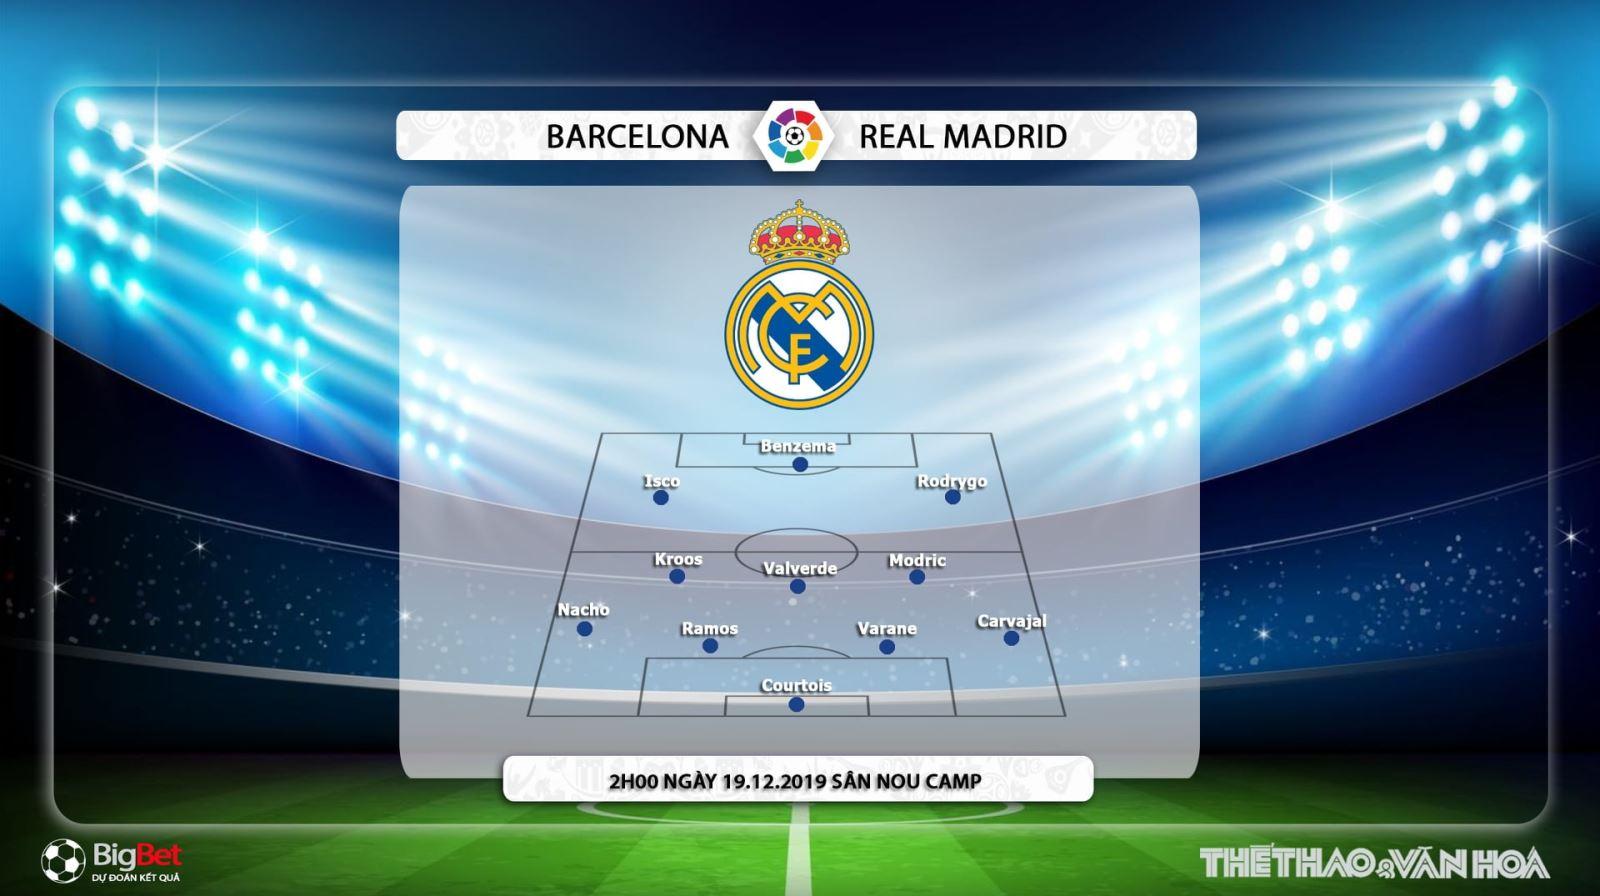 Kèo bóng đá, Barcelona vs Real Madrid, Truc tiep bong da, Soi kèo Barca vs Real, trực tiếp bóng đá Tây Ban Nha, trực tiếp bóng đá Kinh điển, Siêu kinh điển, Barca, Real